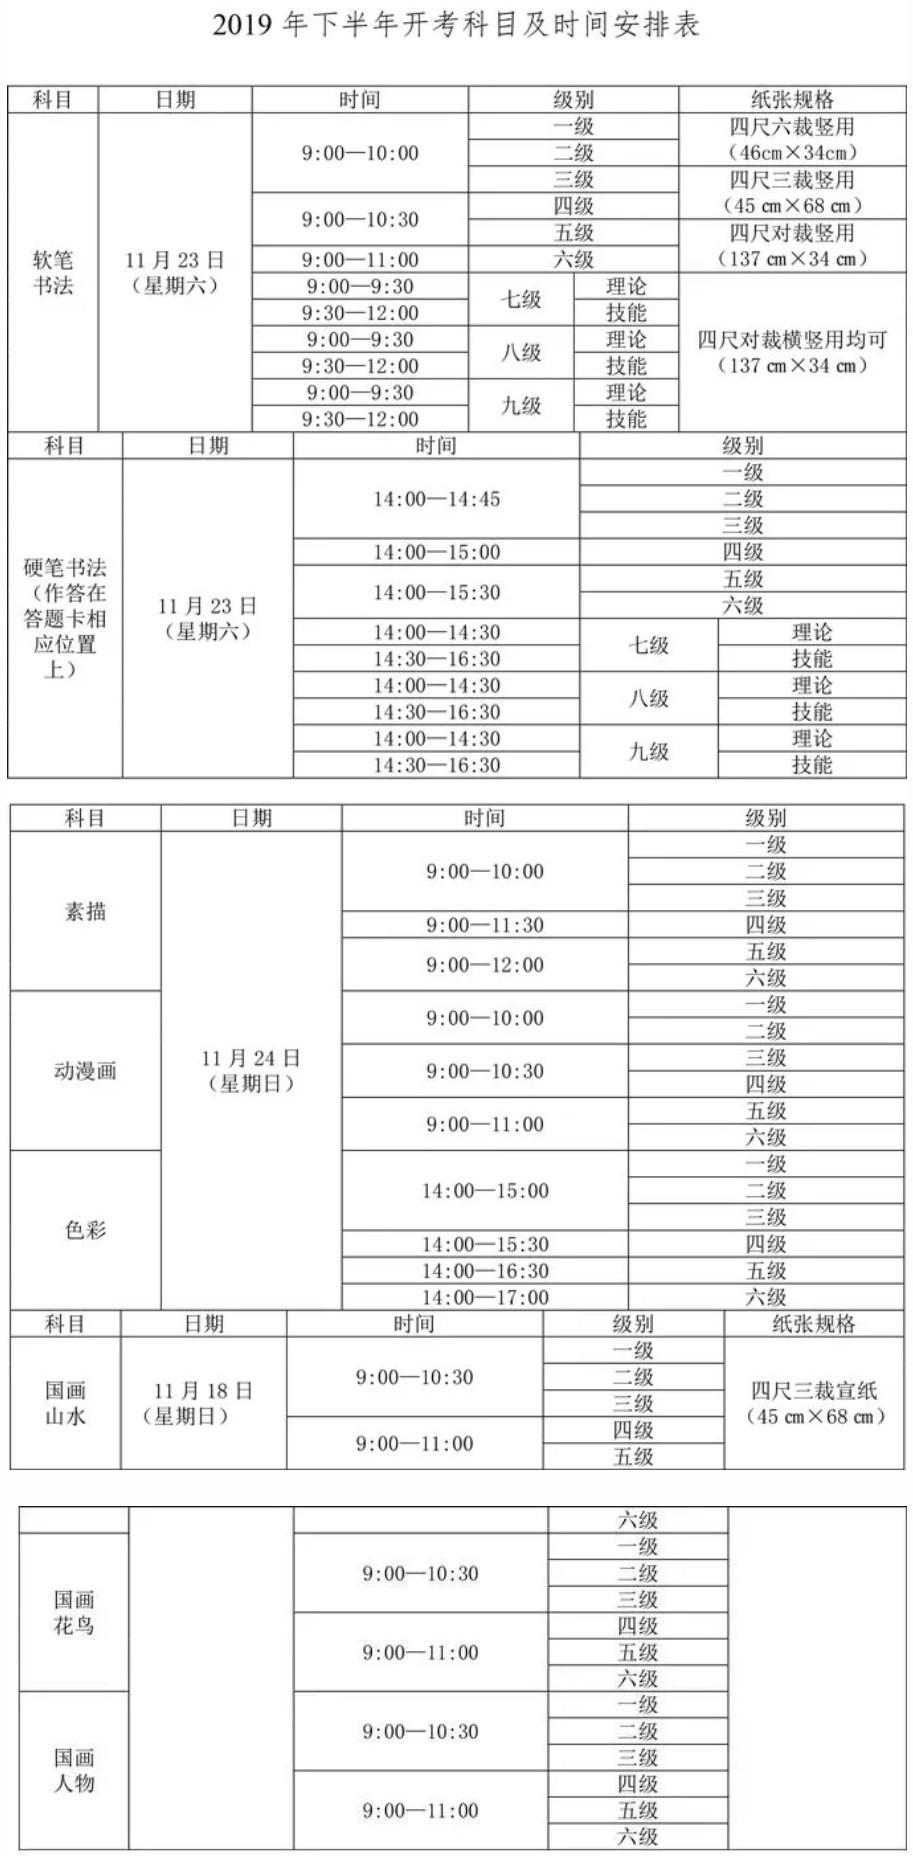 2019四川省下半年书画等级考试报考公告(中国教育考试网)